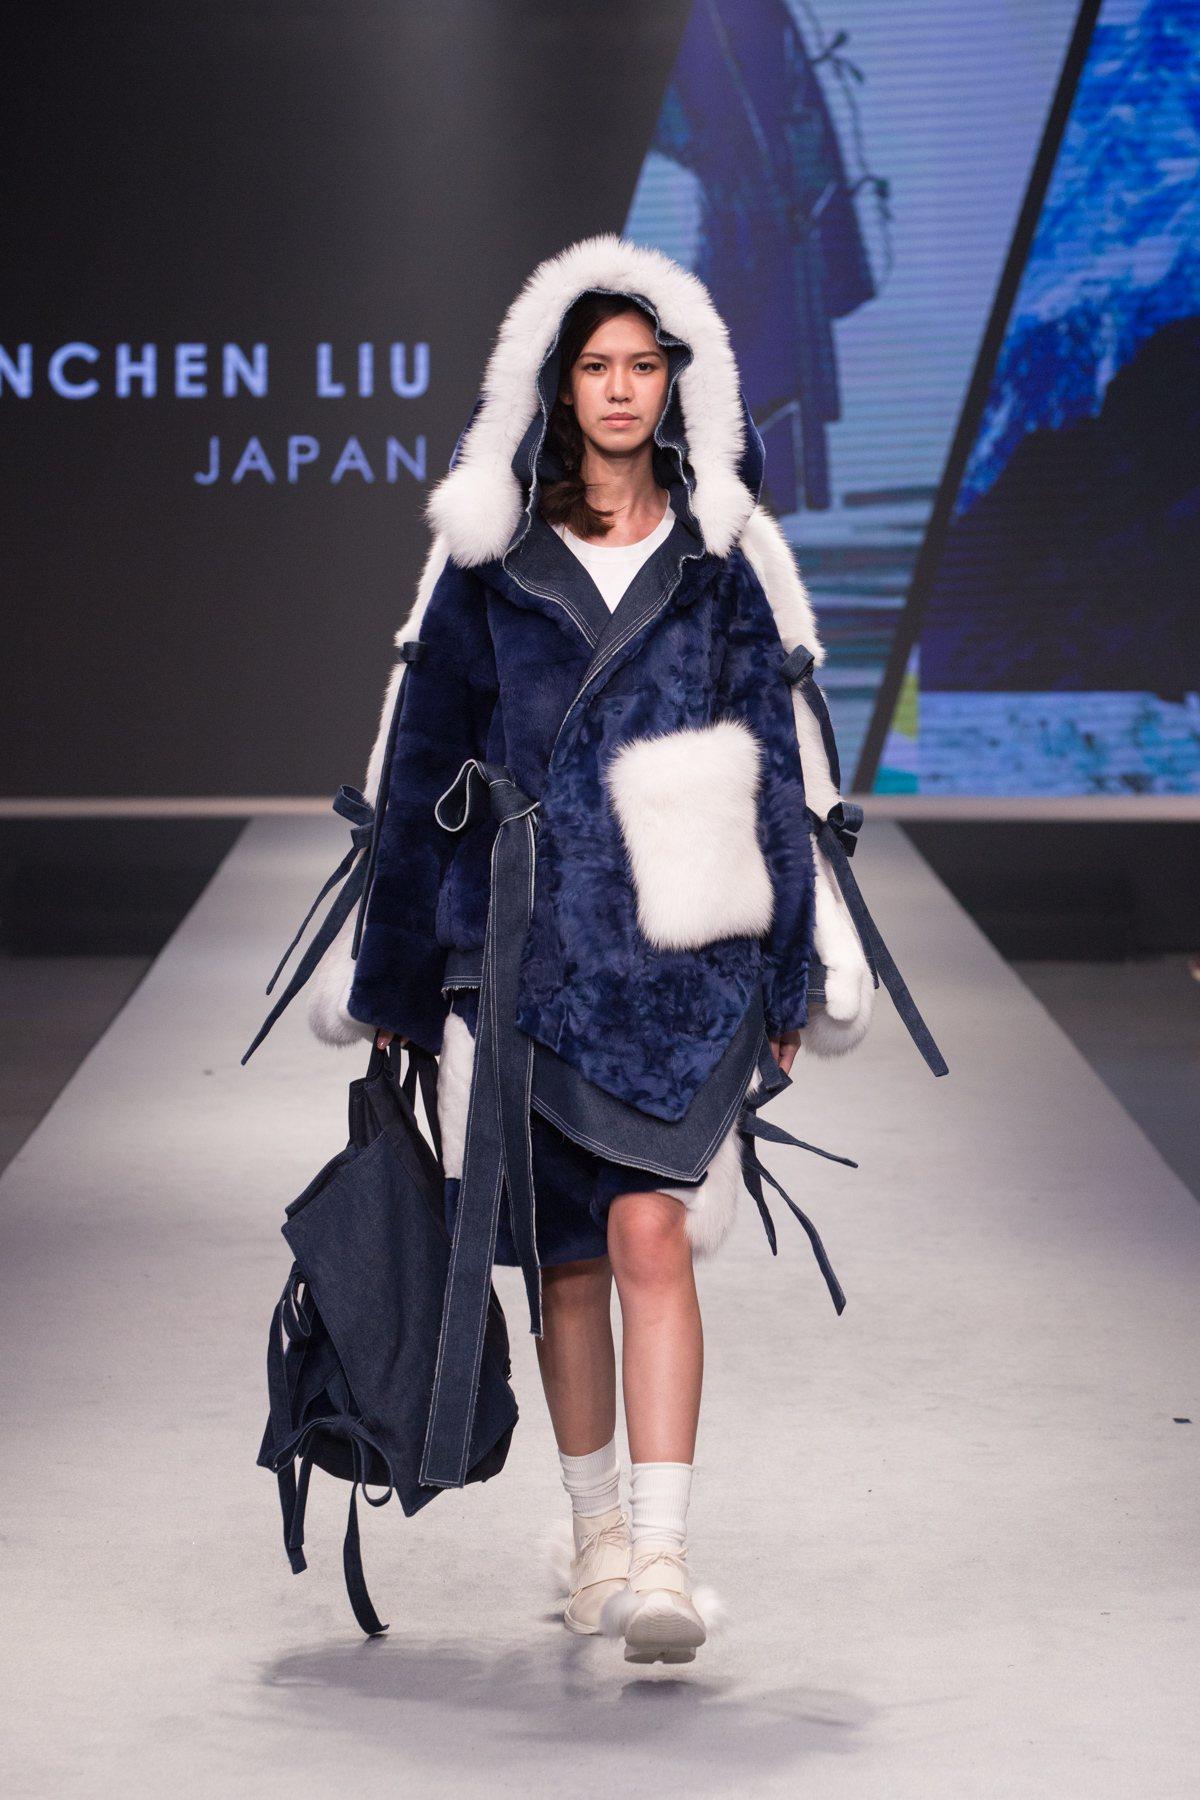 來自日本的Liu Chun Chen獲得女裝組設計首獎的作品。圖/紡拓會提供